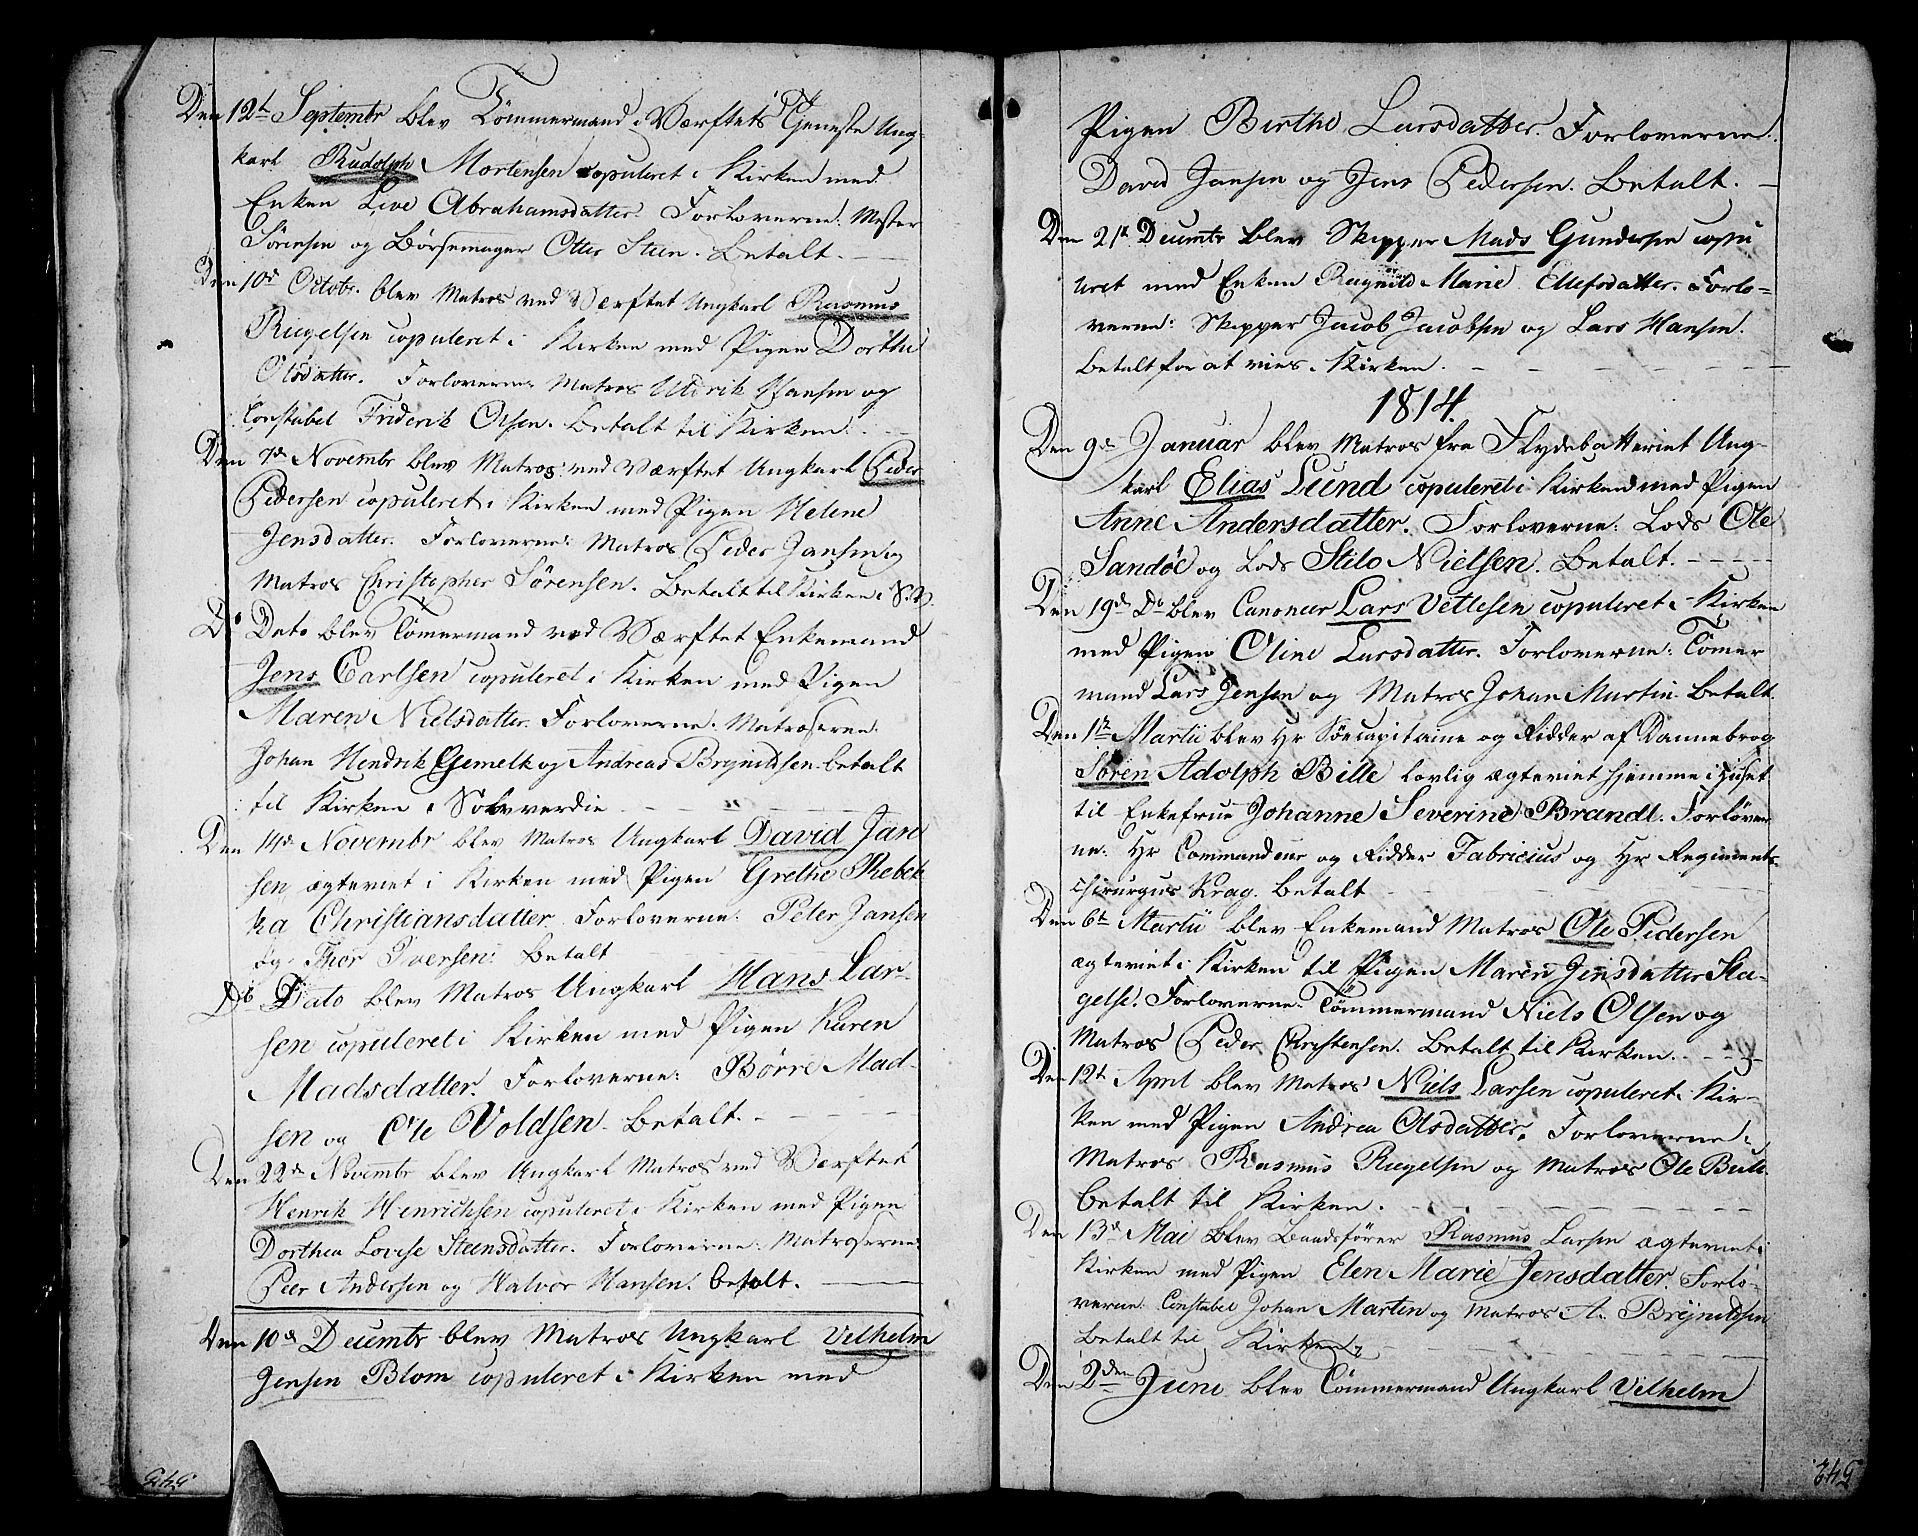 SAKO, Stavern kirkebøker, F/Fa/L0004: Ministerialbok nr. 4, 1809-1816, s. 542-543